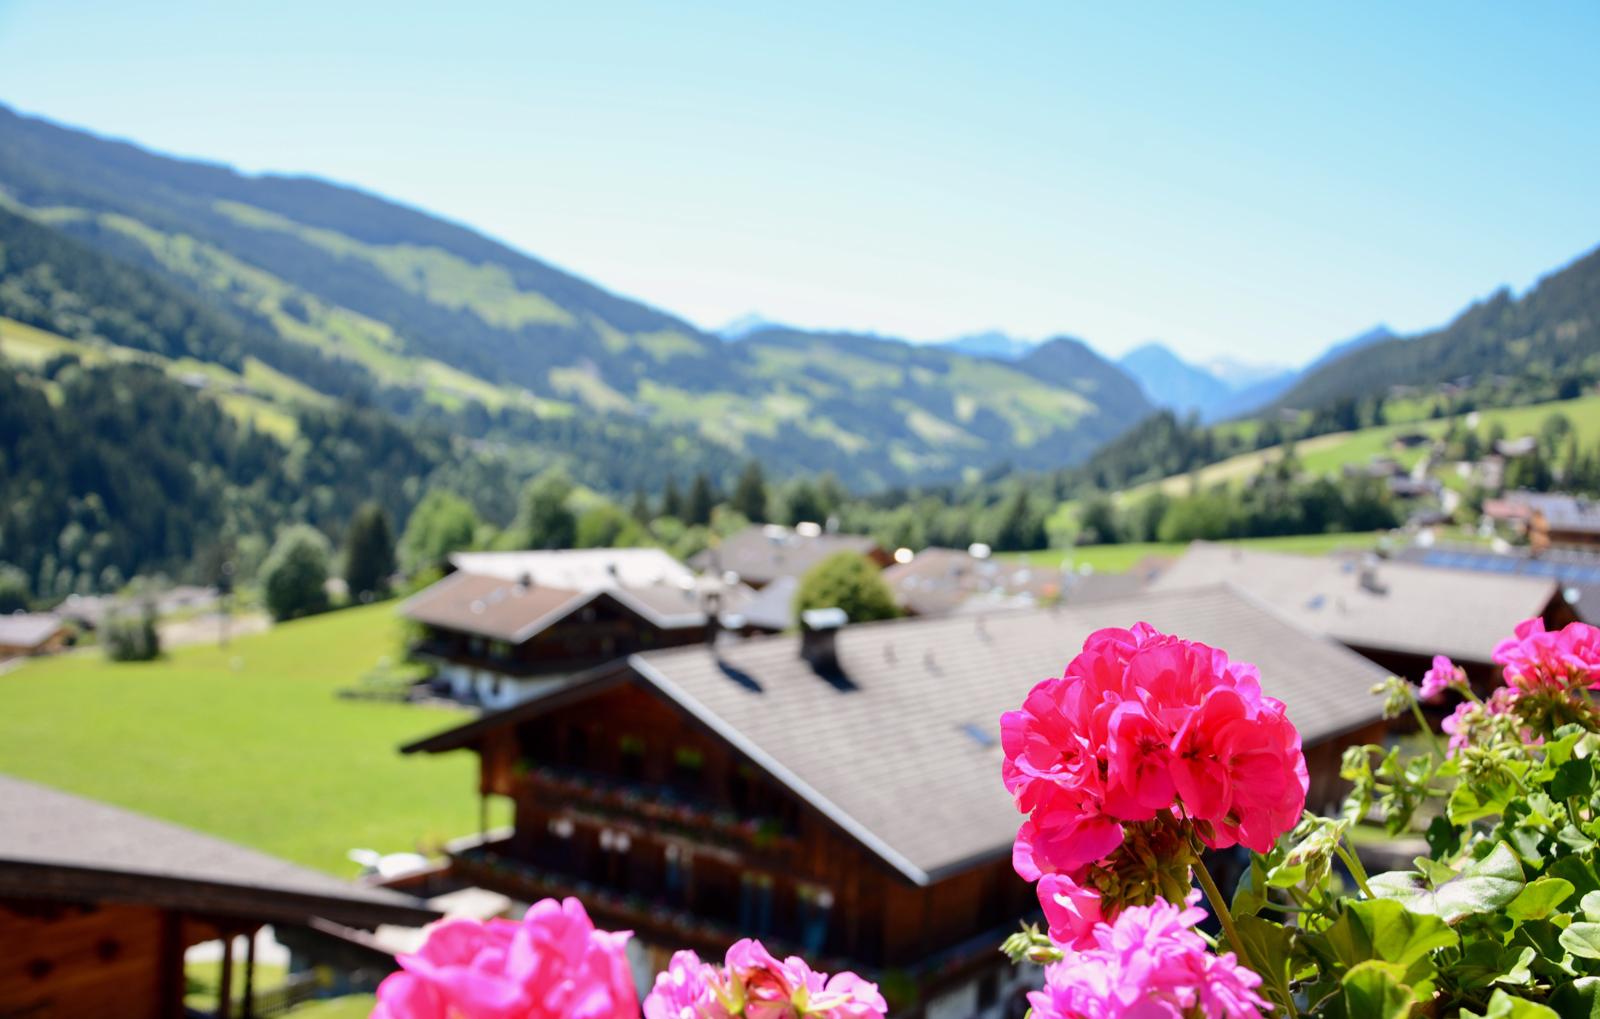 romantikwochenende-alpbachtal-bg1